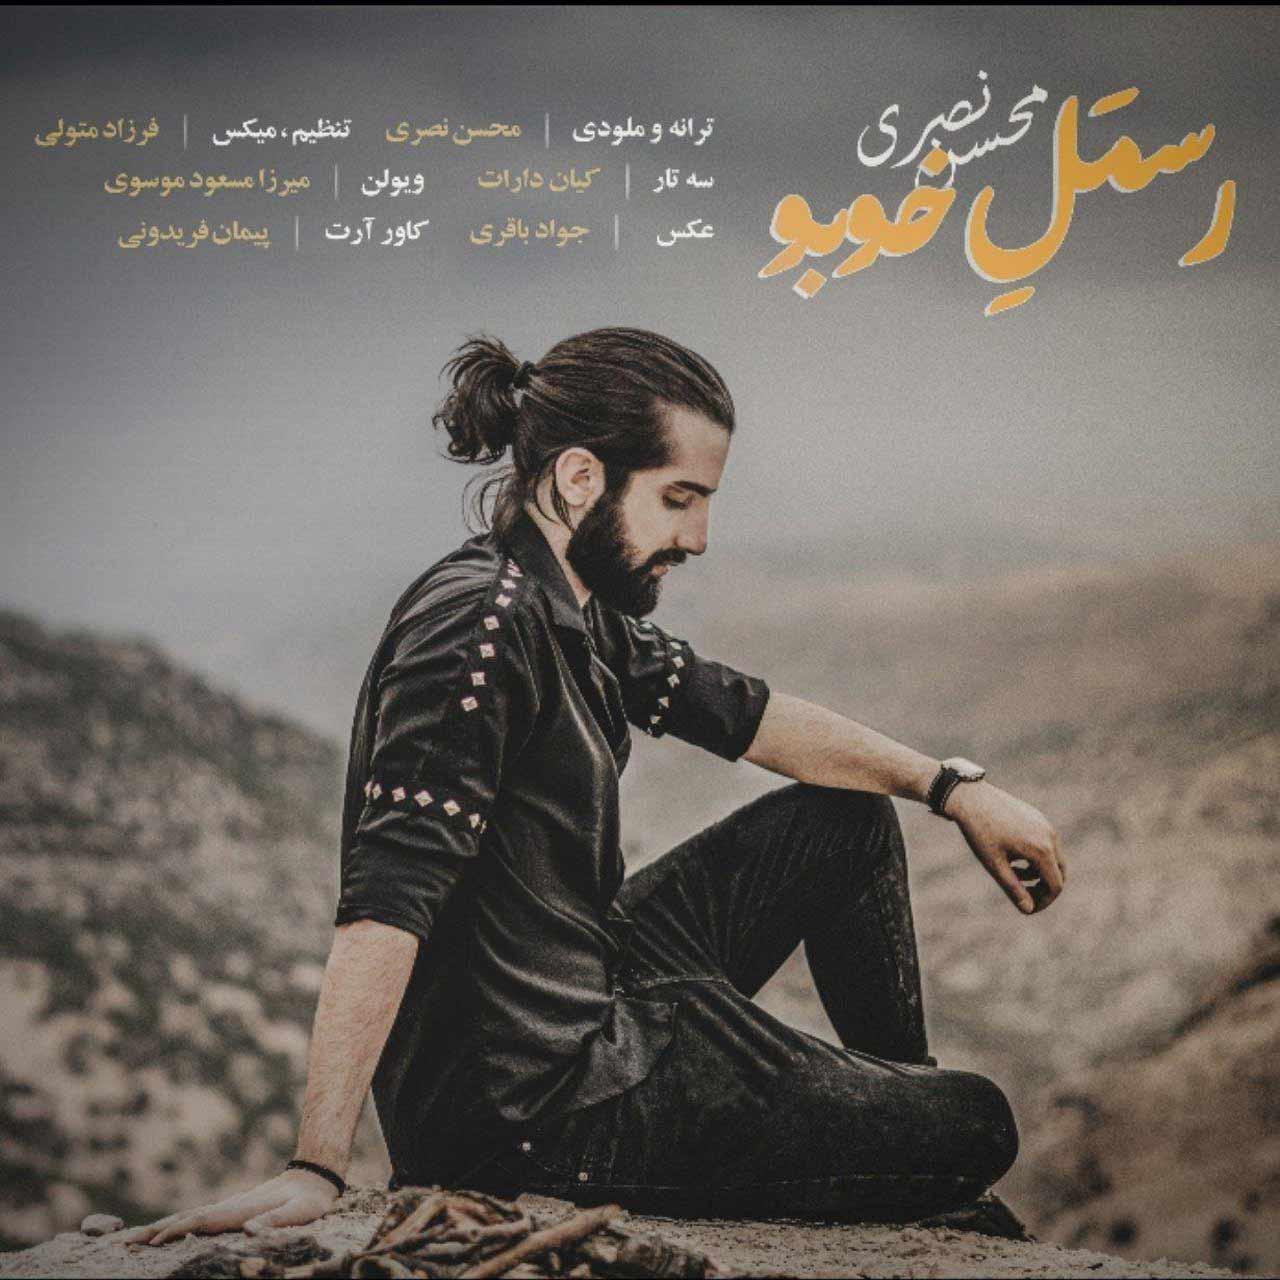 دانلود آهنگ لری رسمل خوبو از محسن نصری